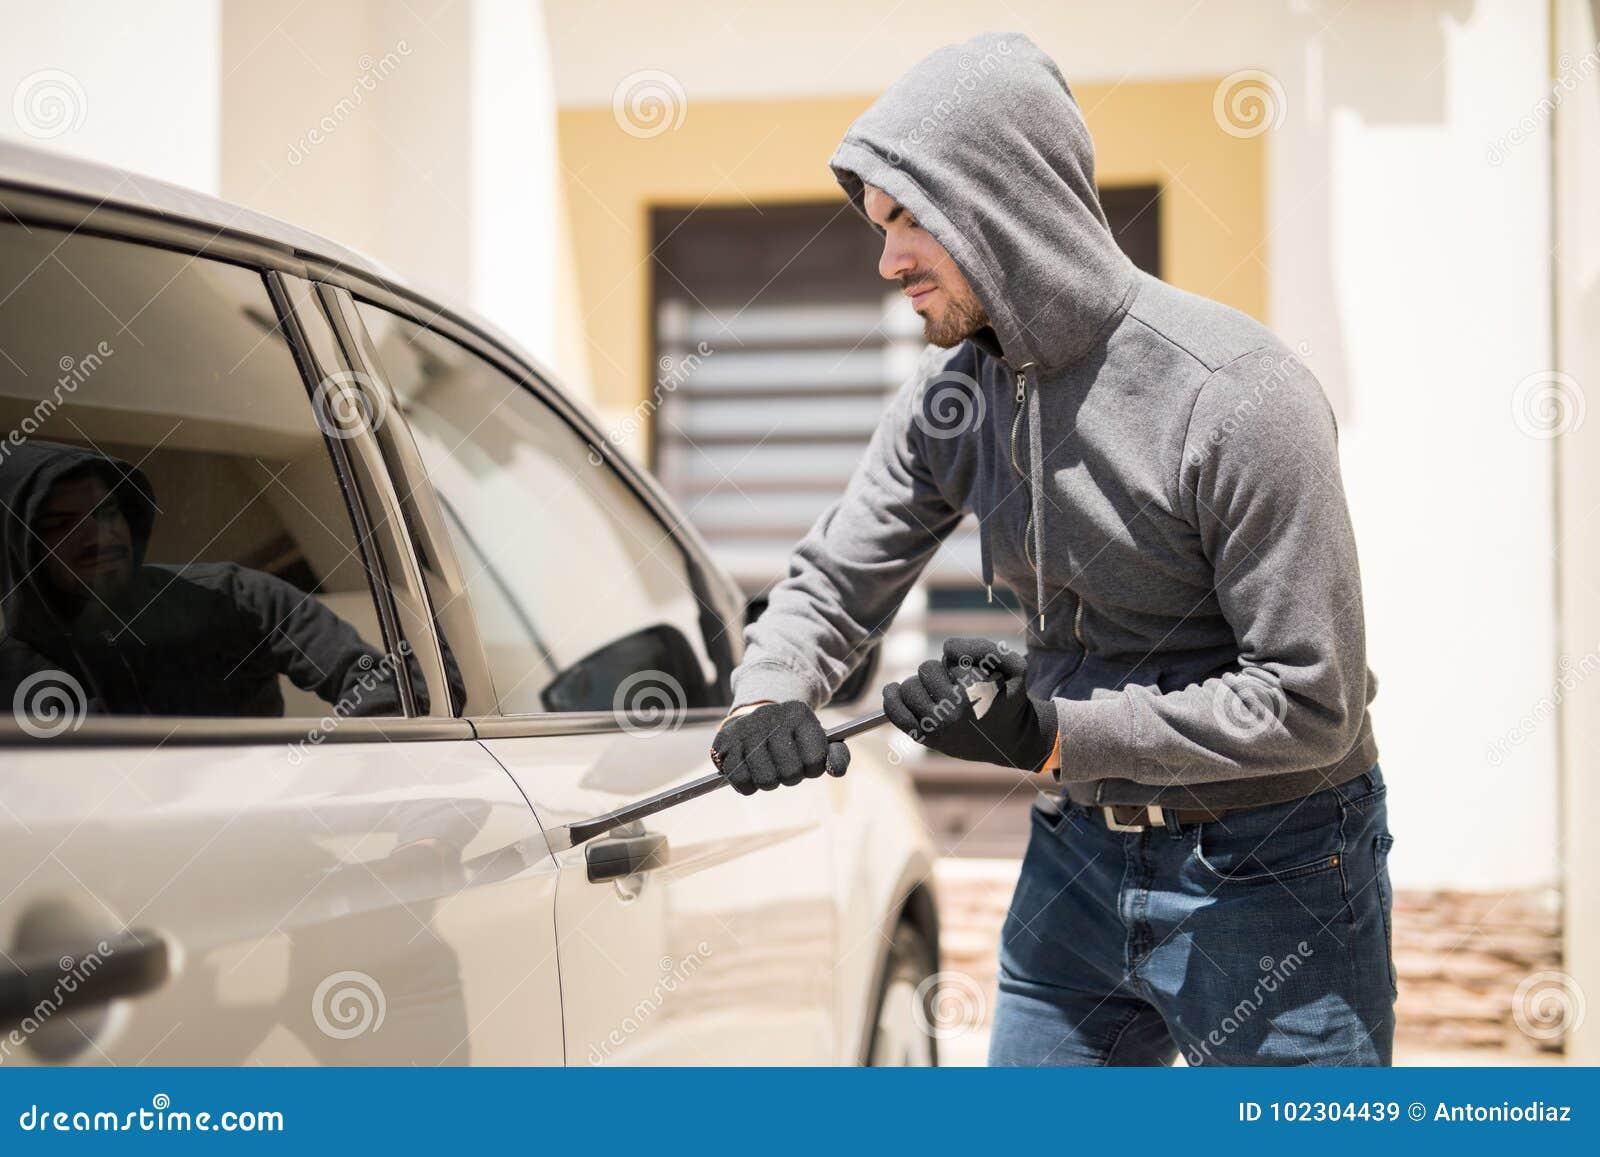 Assaltante que força uma porta de carro